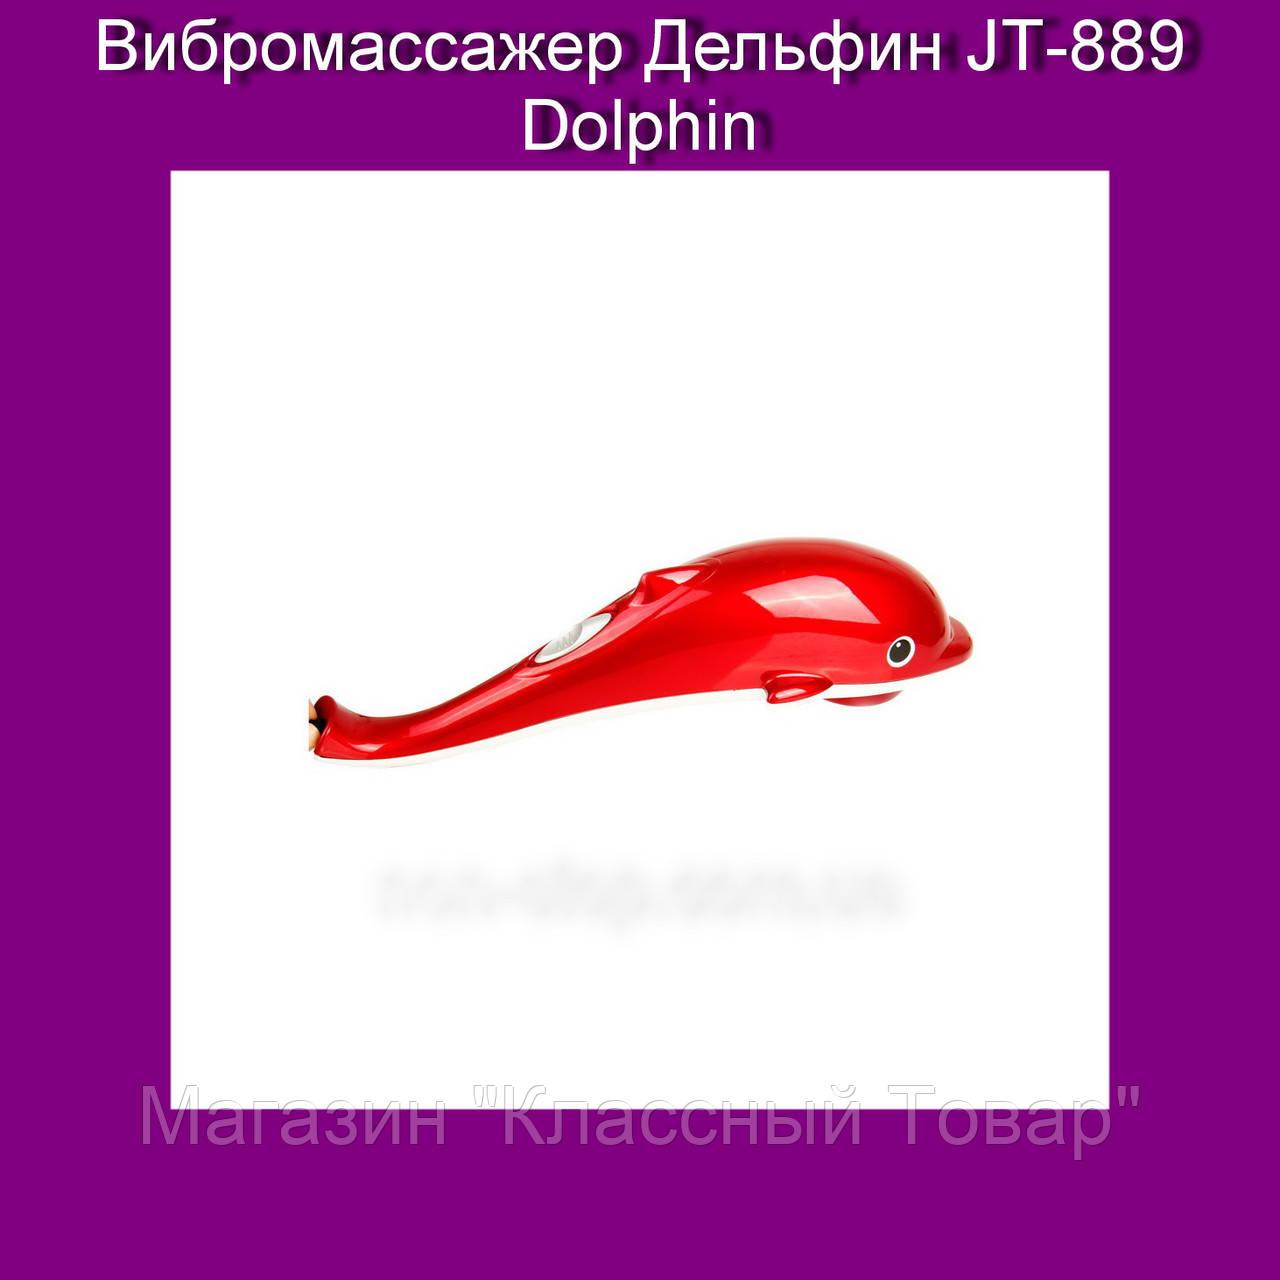 Вибромассажер Дельфин JТ-889 Dolphin! Лучший подарок